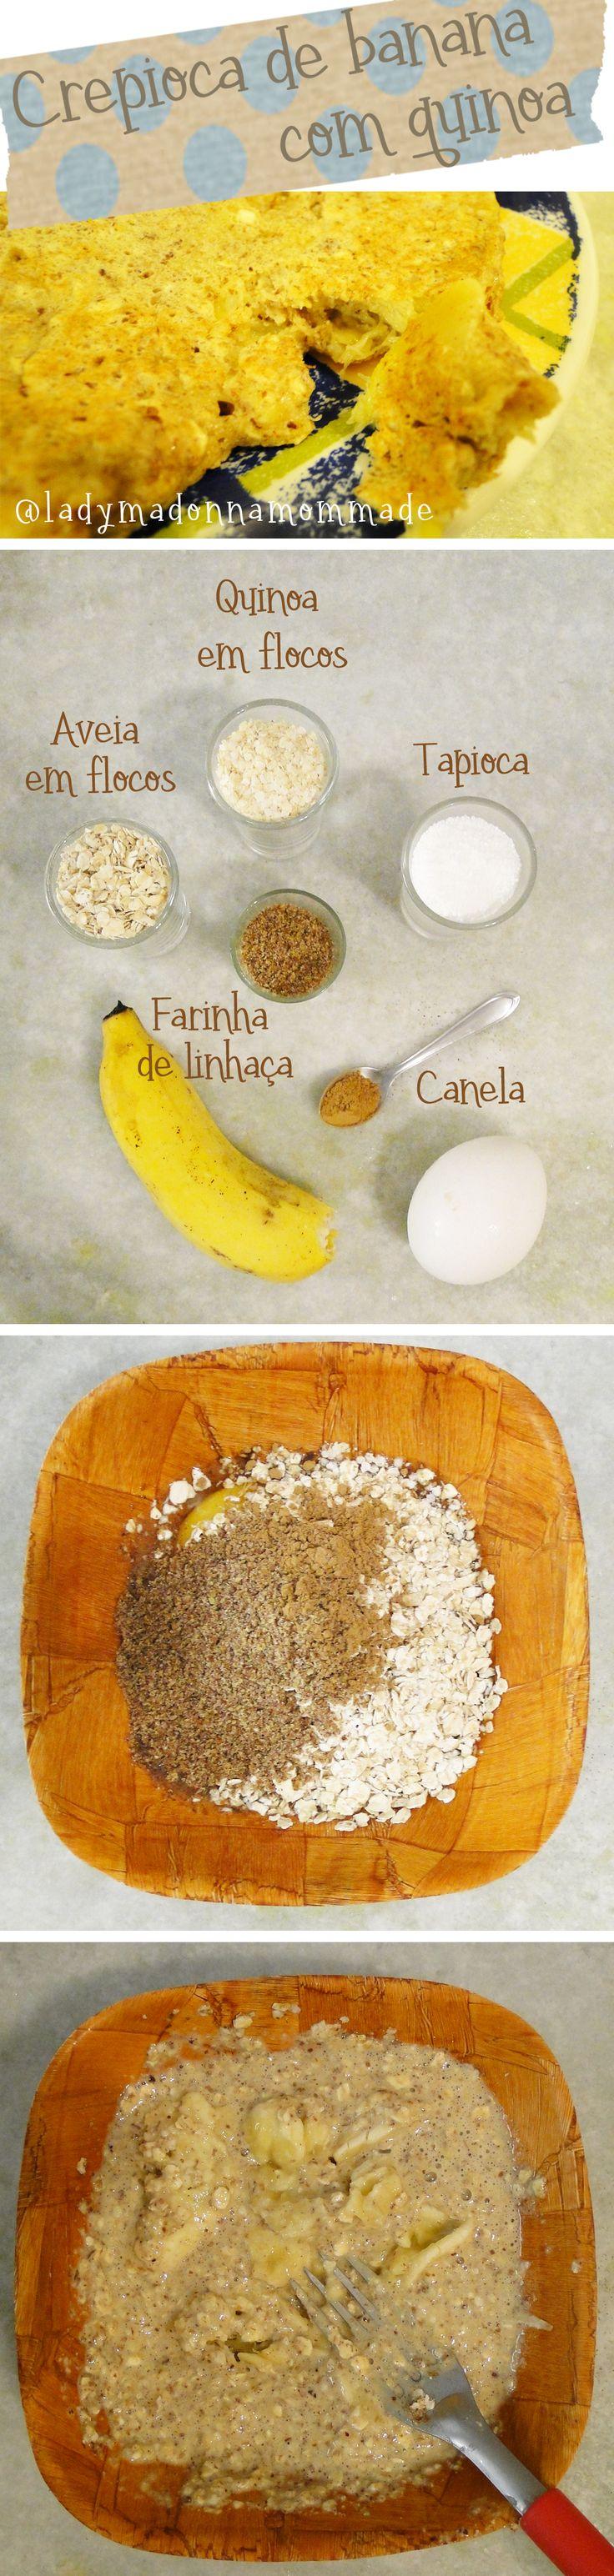 1 colher de sopa de tapioca  1 ovo 1 banana 1 colher de sopa de aveia em flocos 1 colher de sopa de quinoa (BOTA #QUINOA EM TUDO GEMTCH!) 1/2 colher de sopa de farinha de linhaça 1 colher de chá de canela  É só misturar tudo, menos a banana. Depois amassar a banana e misturar bem. Na receita doce eu frito com óleo de coco, e para receitas salgadas uso banha de porco.